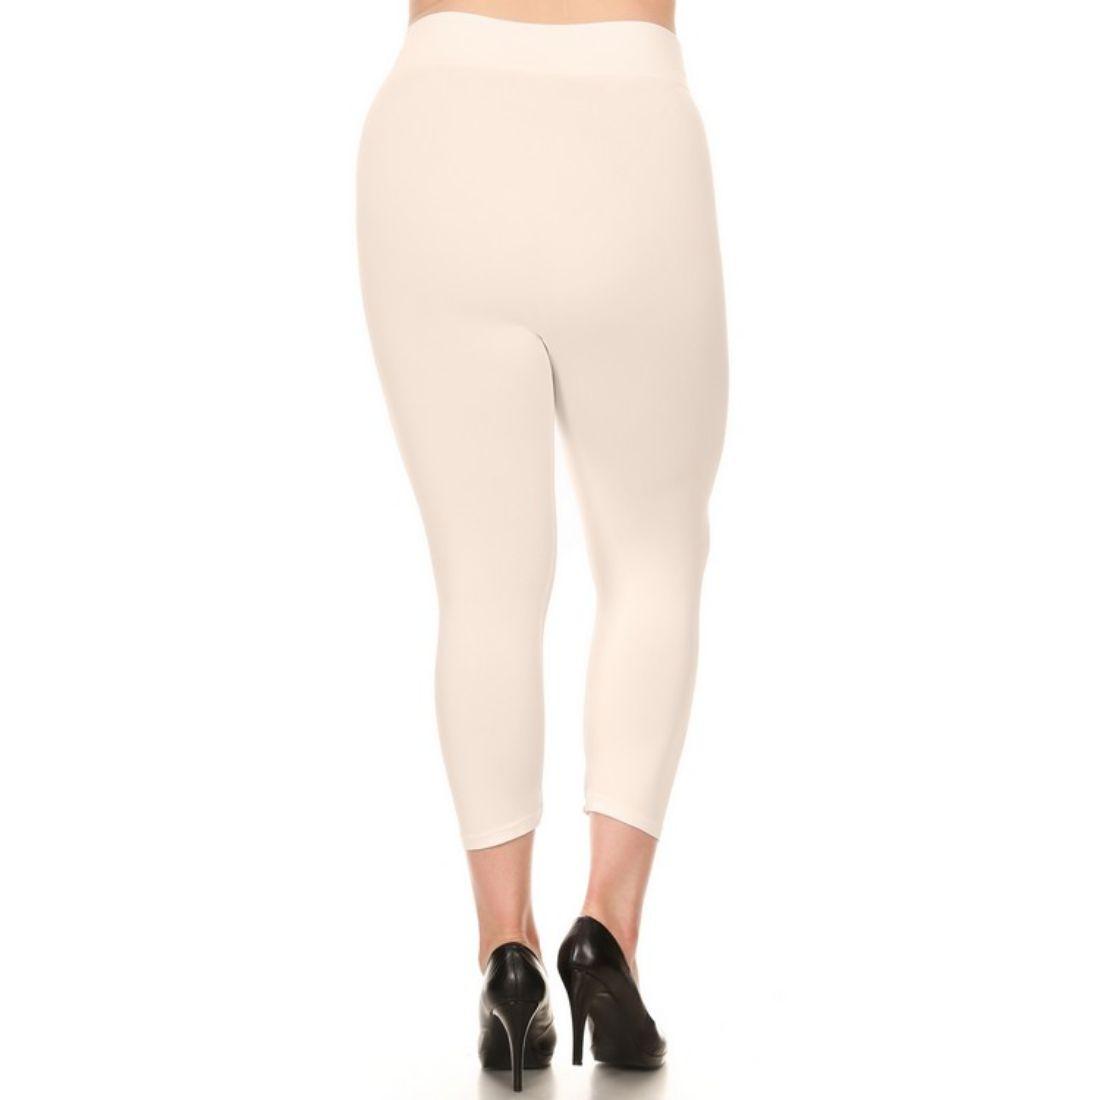 miniature 45 - Femmes Grande Taille Capri Leggings Court Stretch Pantalon Basique Solide Pour